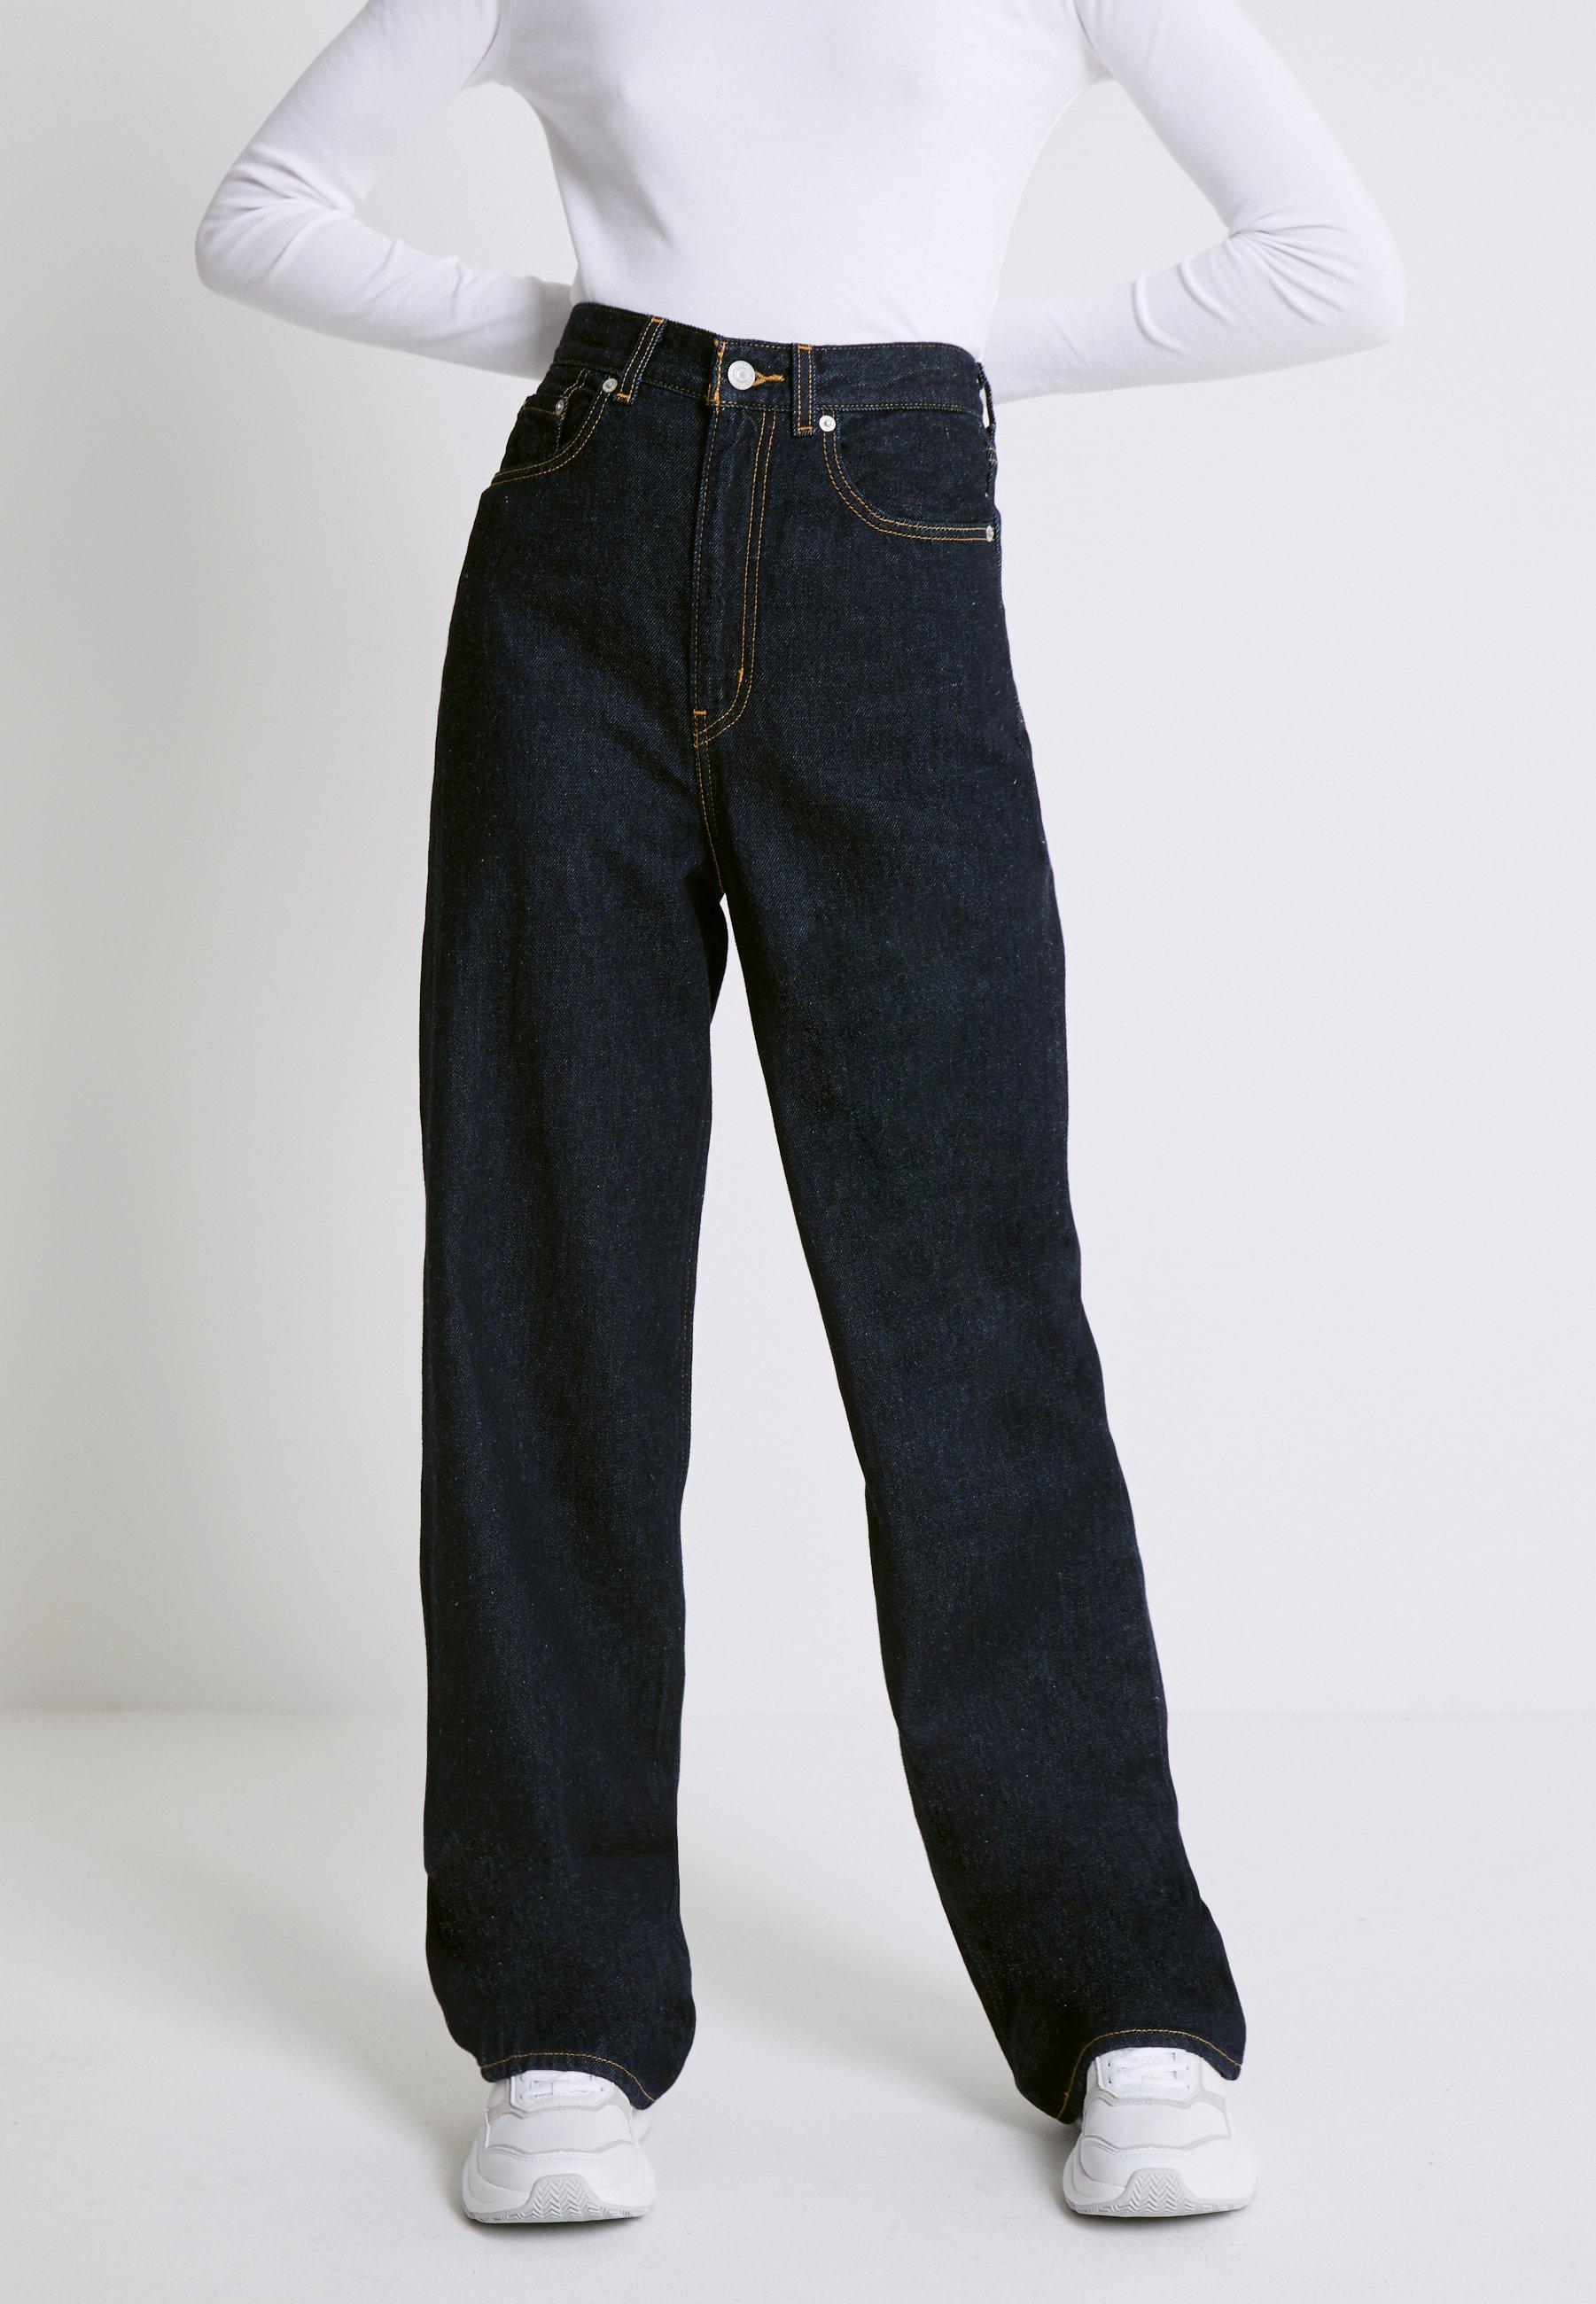 Blue BALLOON PANTS  See by Chloé  Baggy bukser - Dameklær er billig